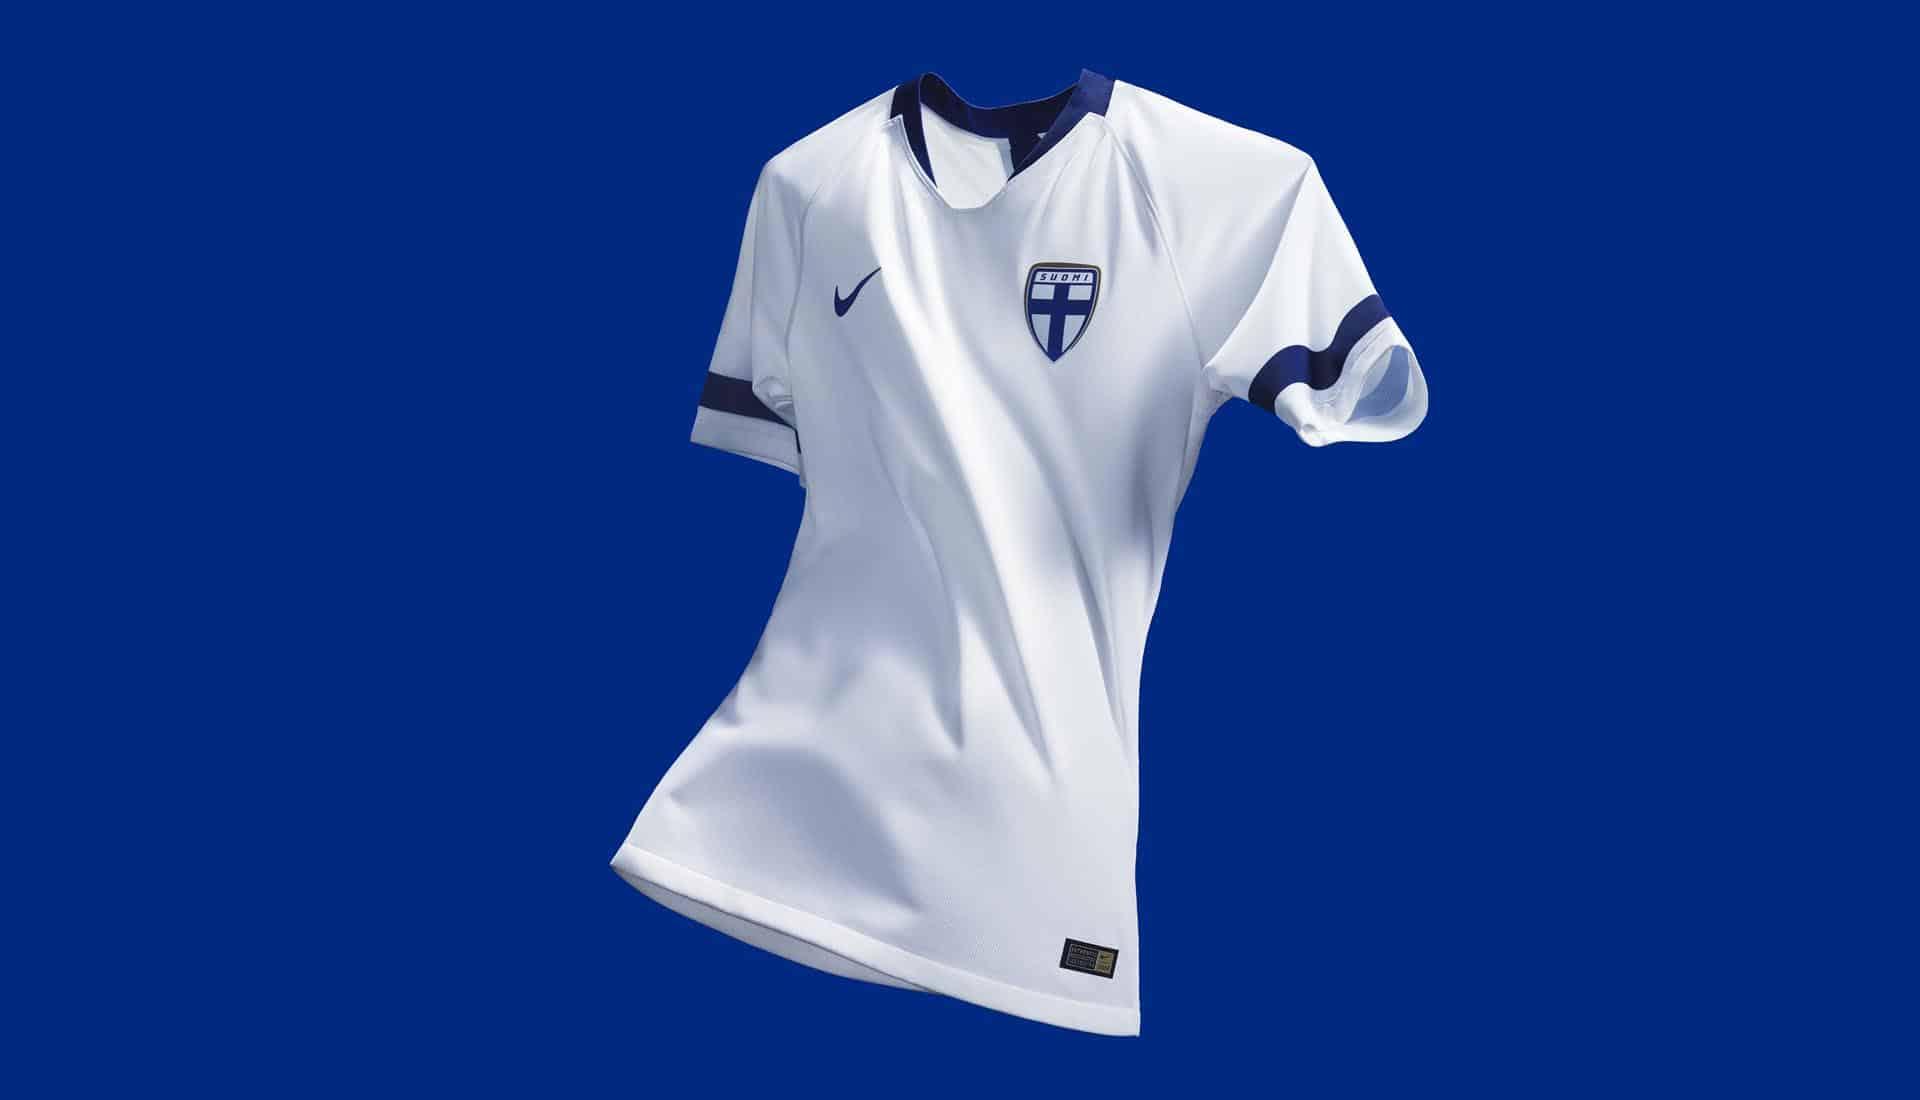 Nike dévoile les nouveaux maillots de la Finlande